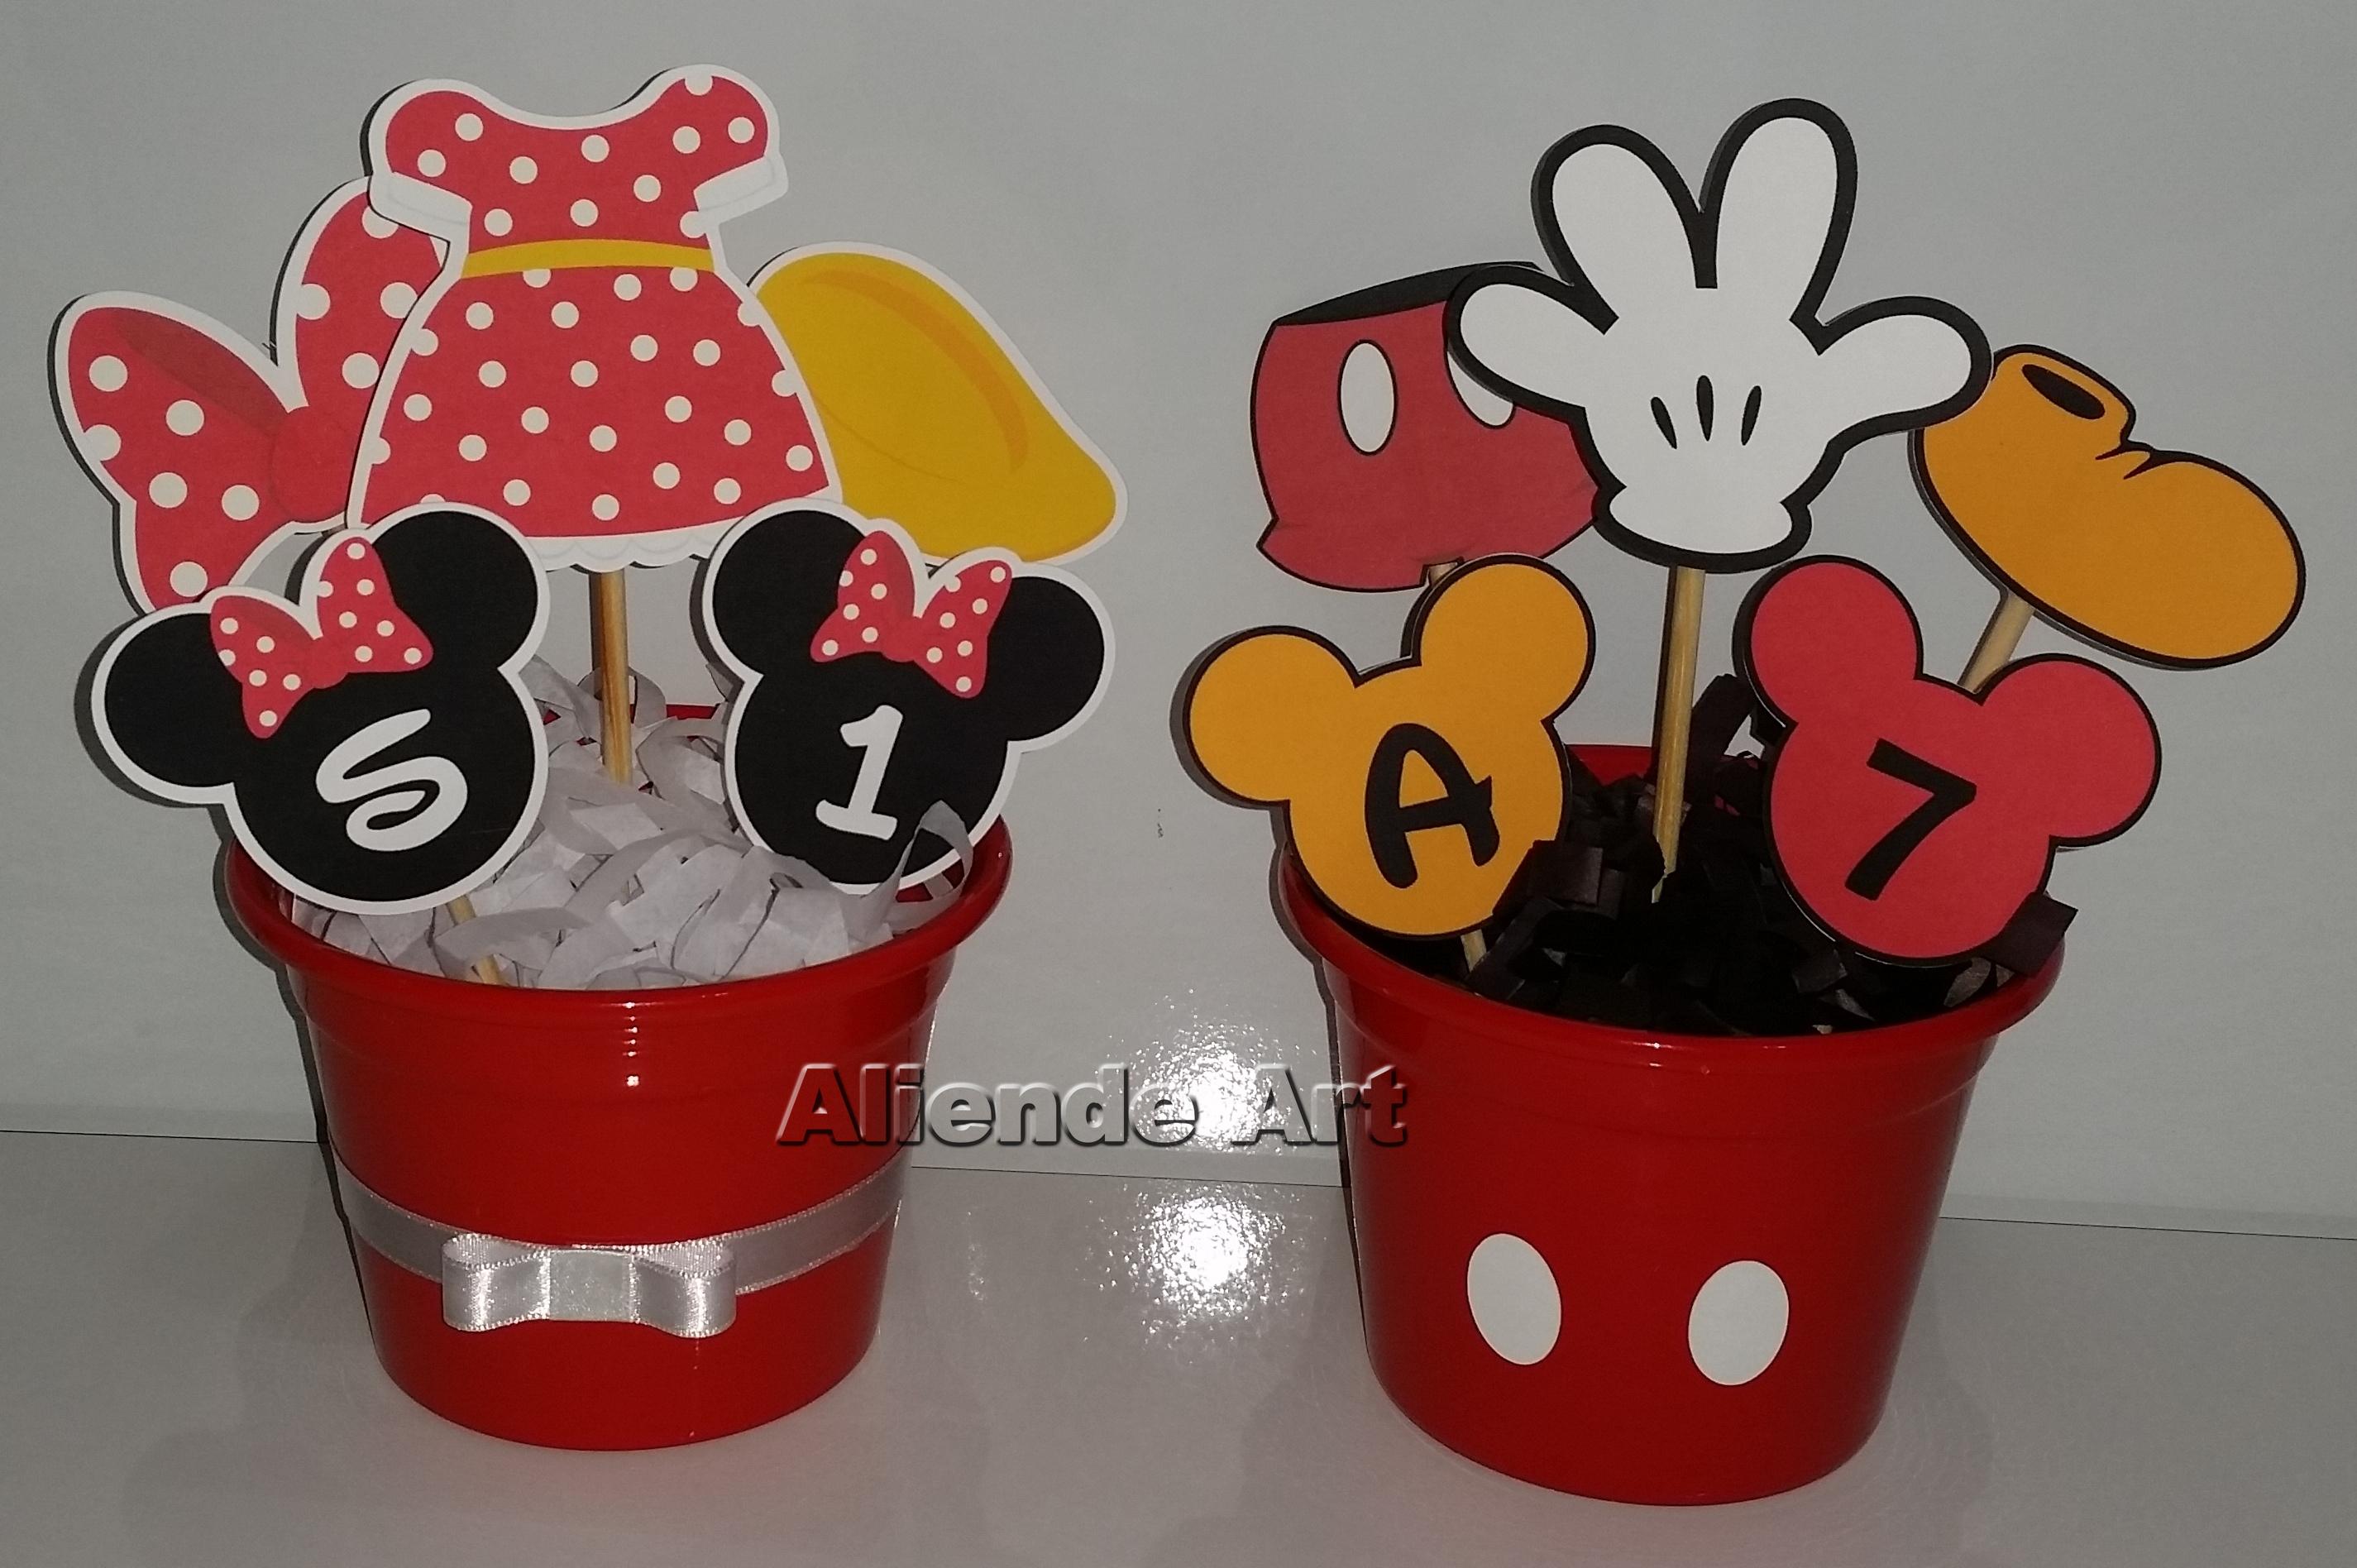 Centro de Mesa Mickey e Minnie  Aliende Art Design  Elo7